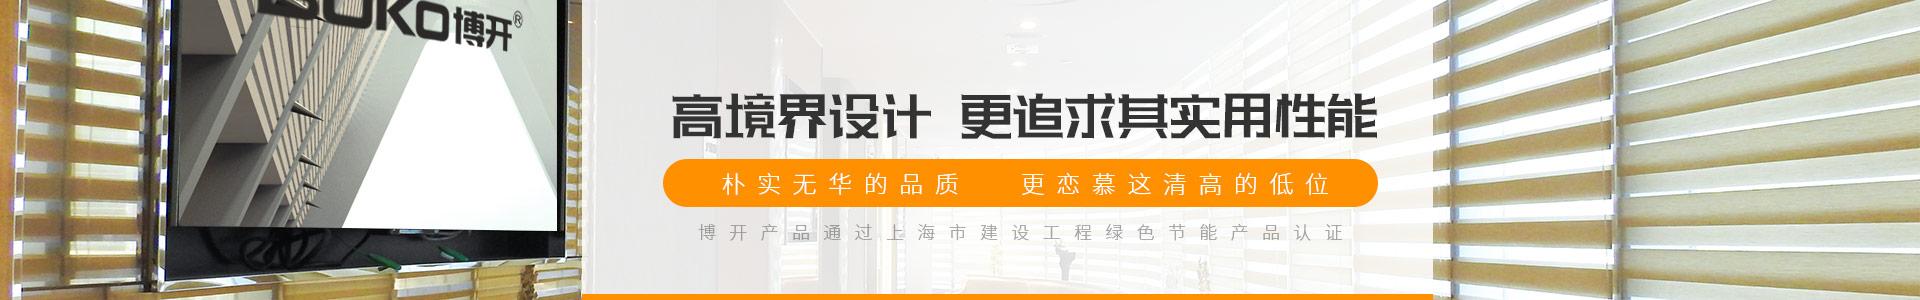 上海博开-新闻资讯